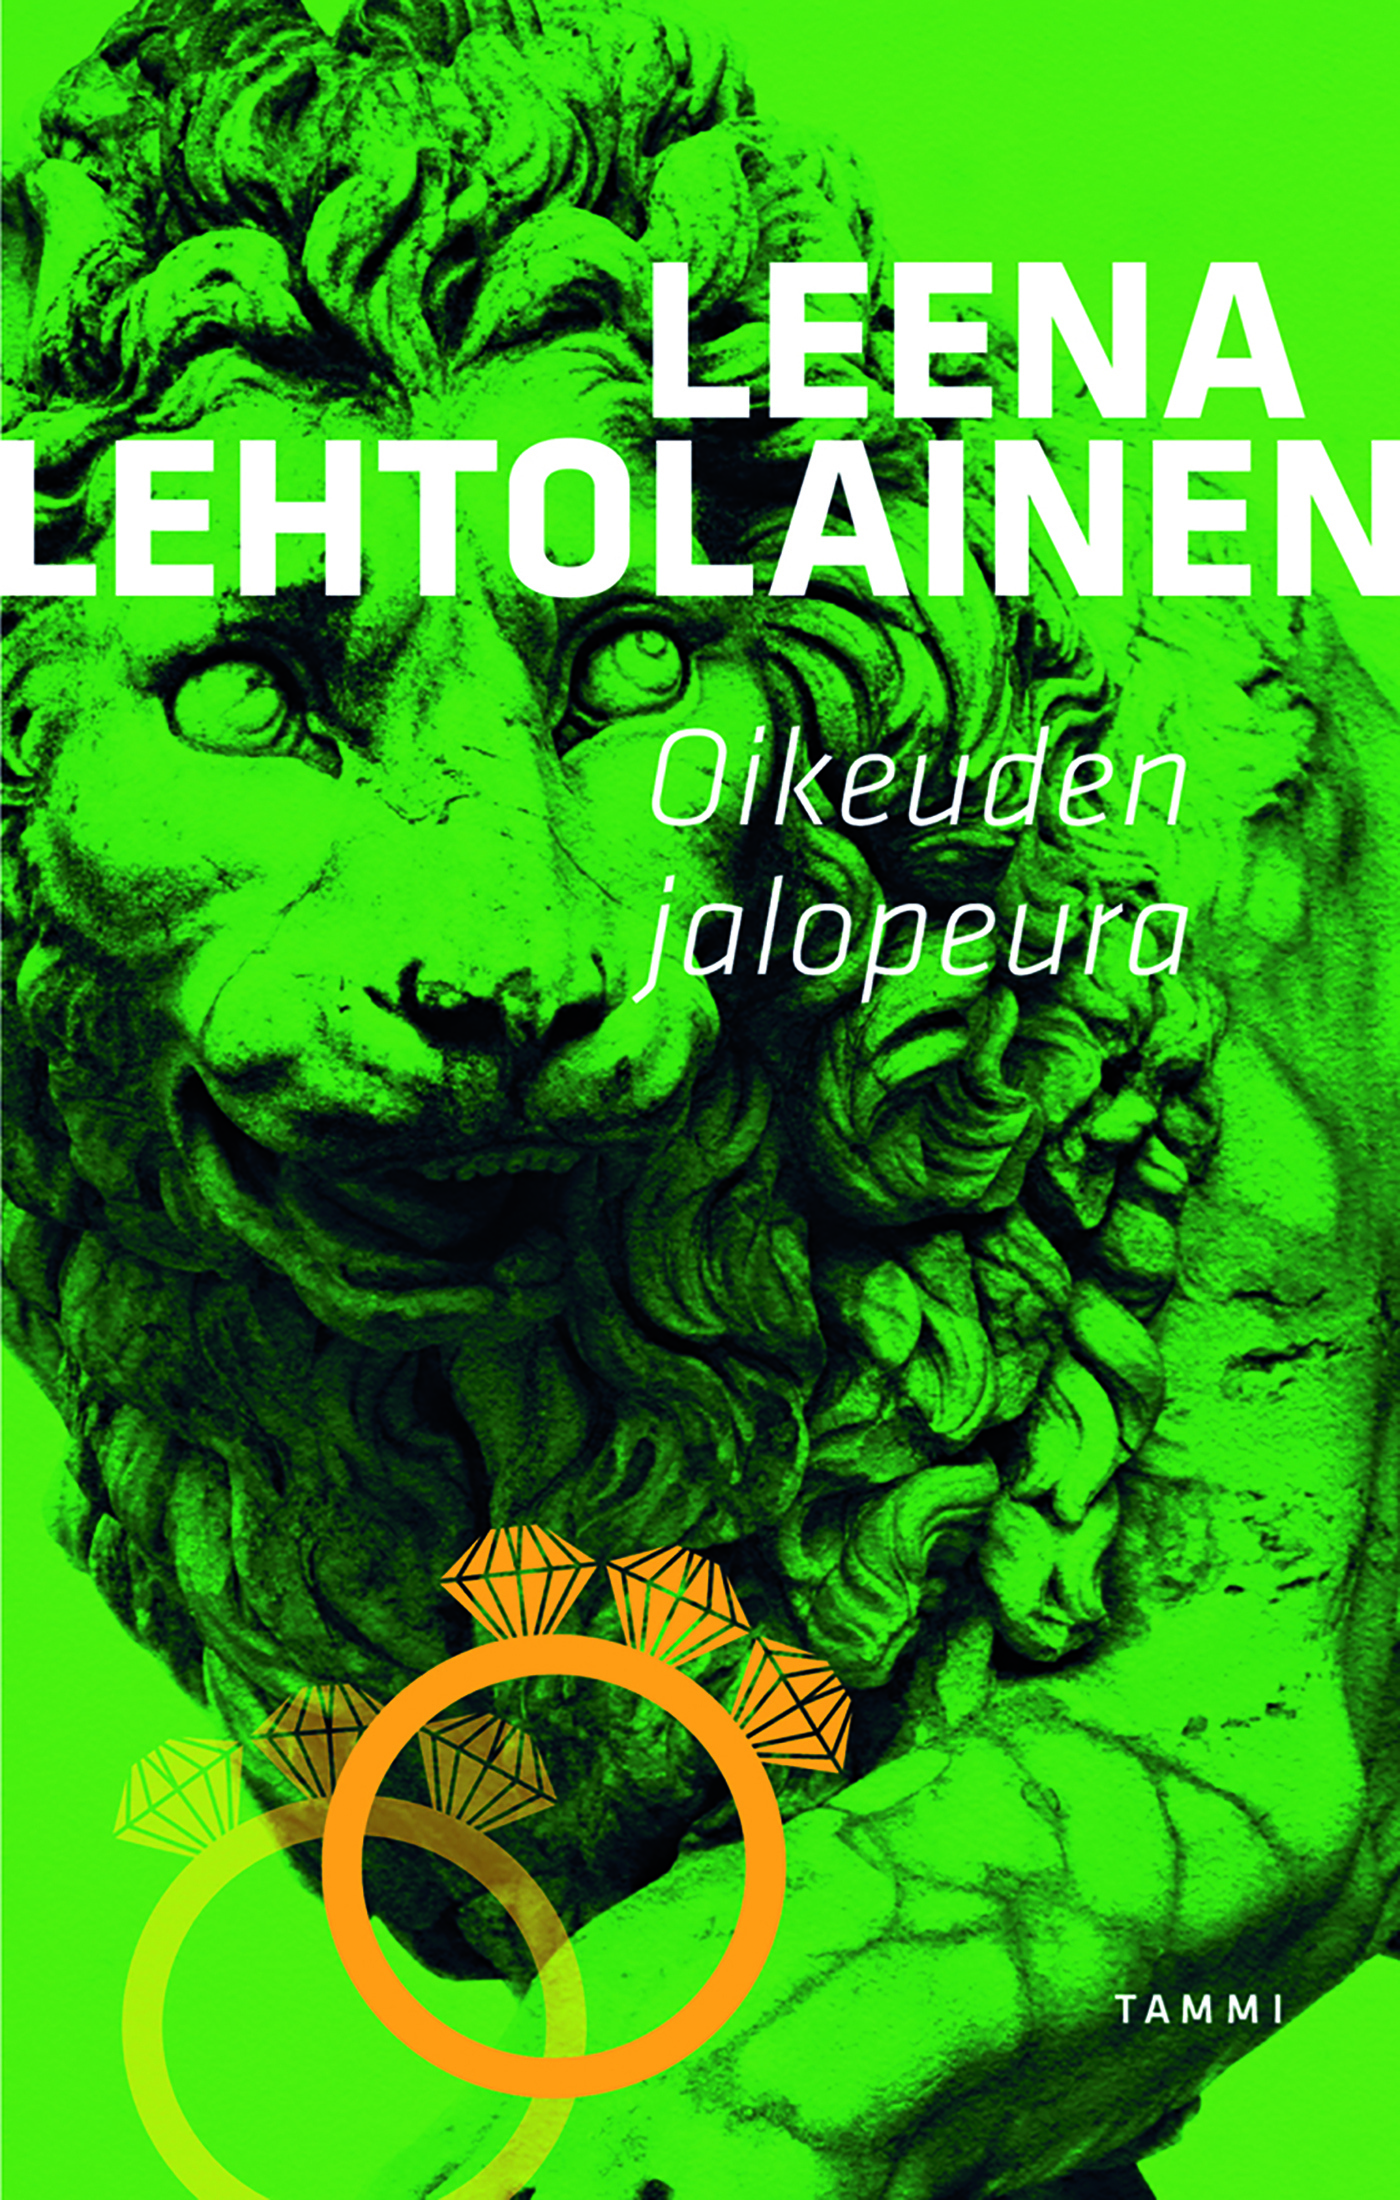 Lehtolainen, Leena - Oikeuden jalopeura: Henkivartija 2, e-kirja